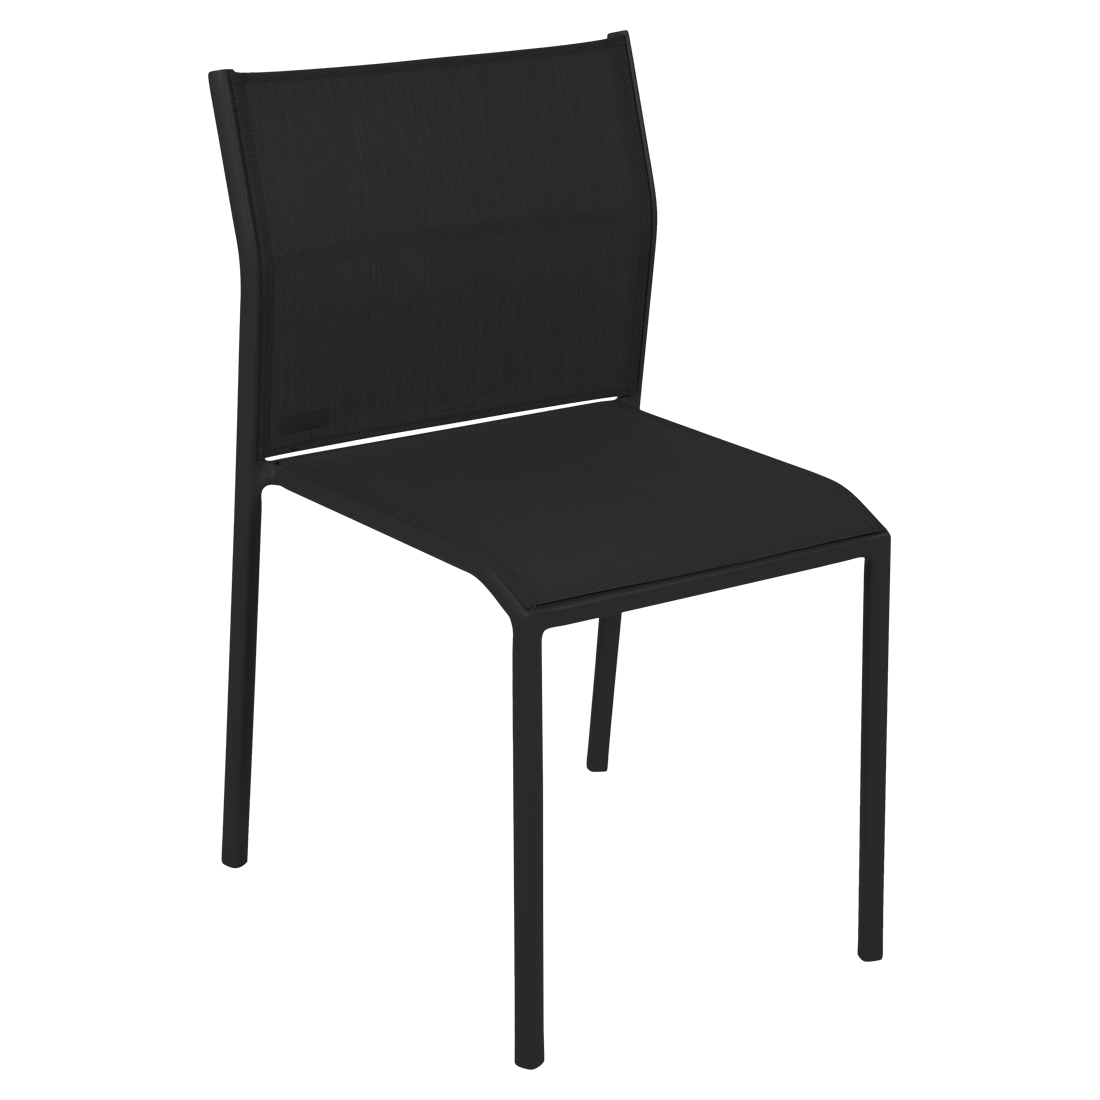 chaise de jardin, chaise en métal et toile noir